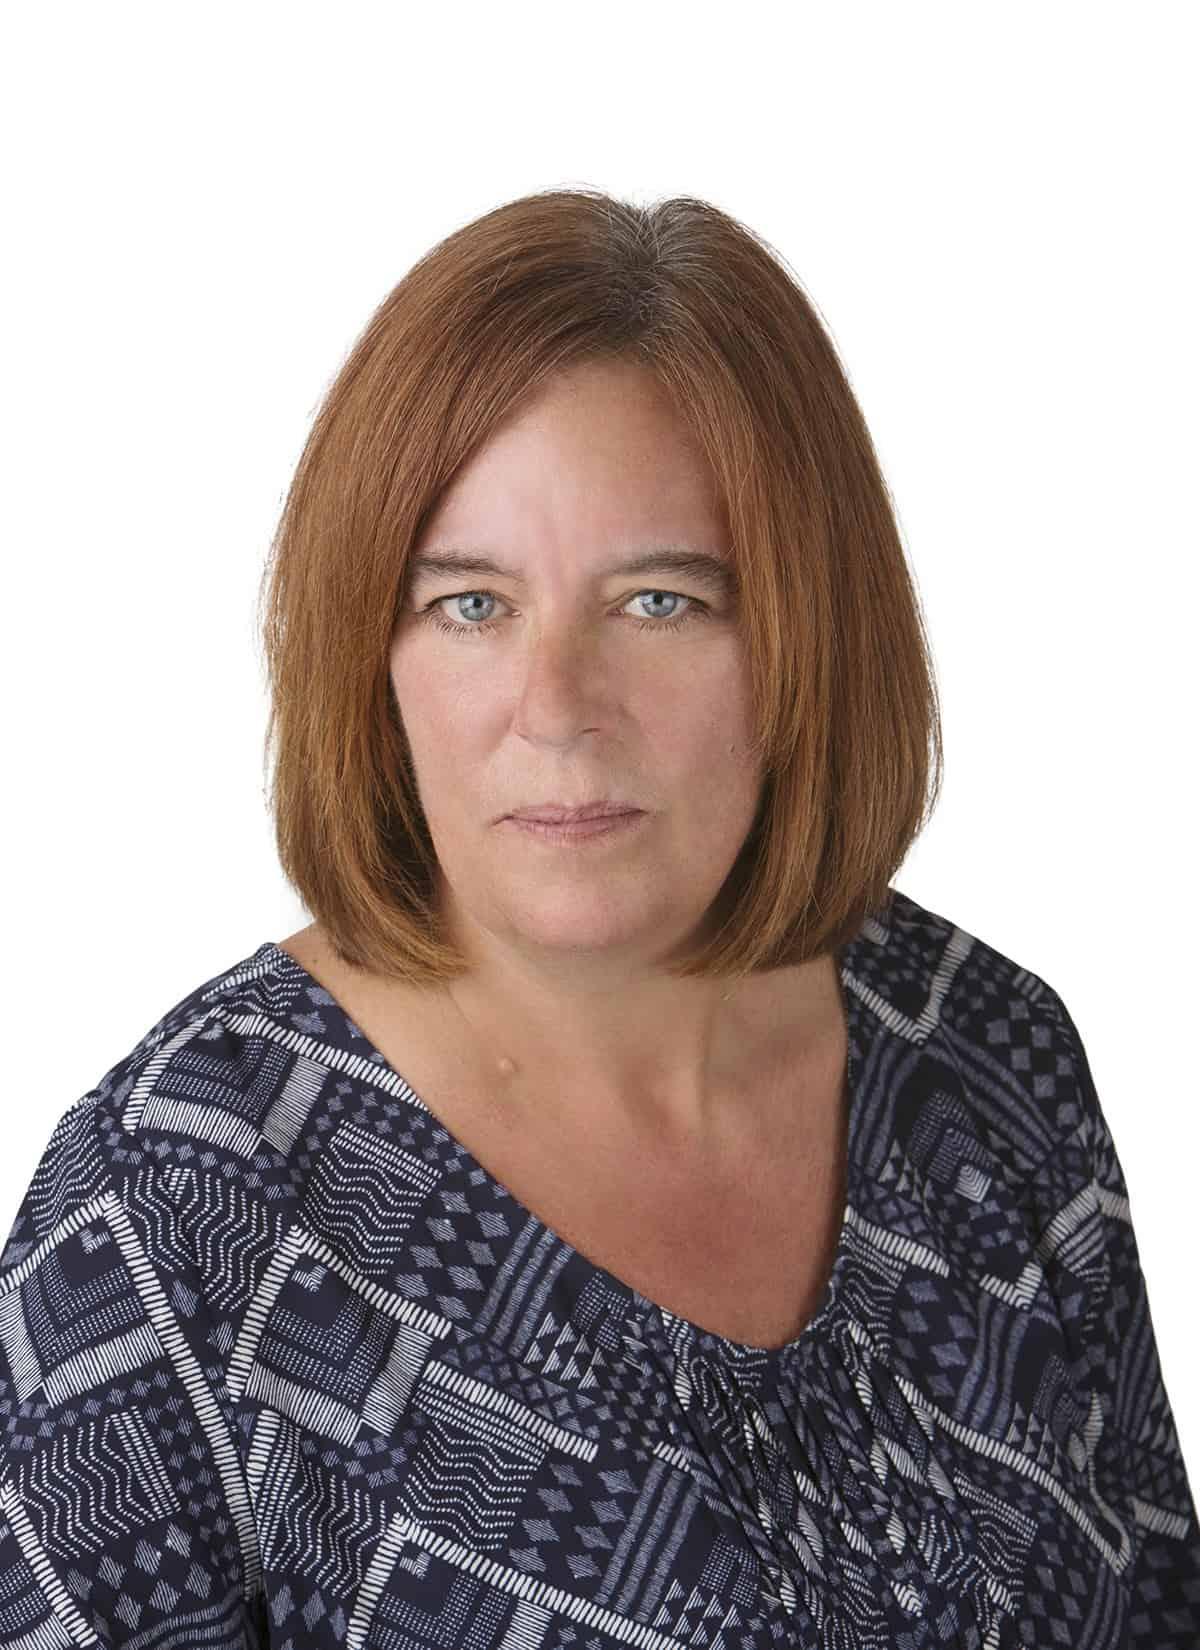 Jennifer Hollar